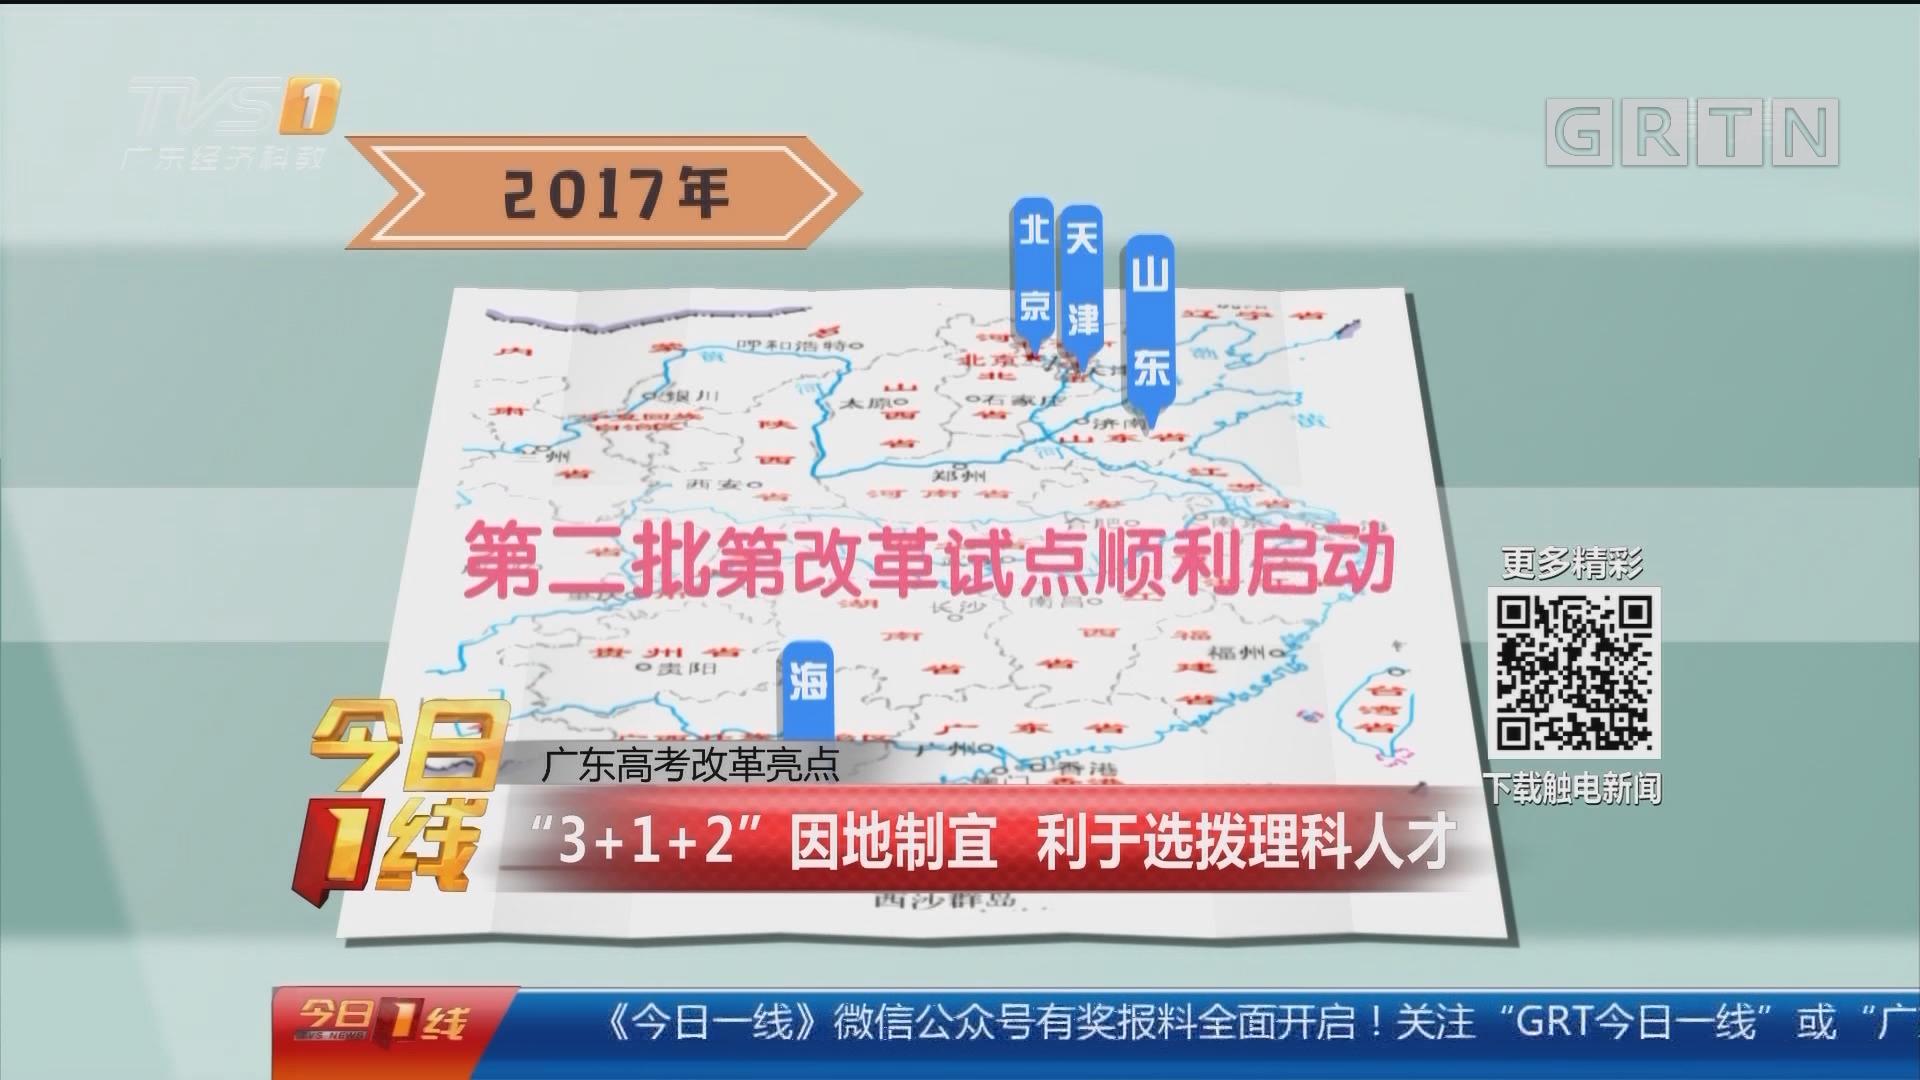 """广东高考改革亮点:""""3+1+2""""因地制宜 利于选拔理科人才"""